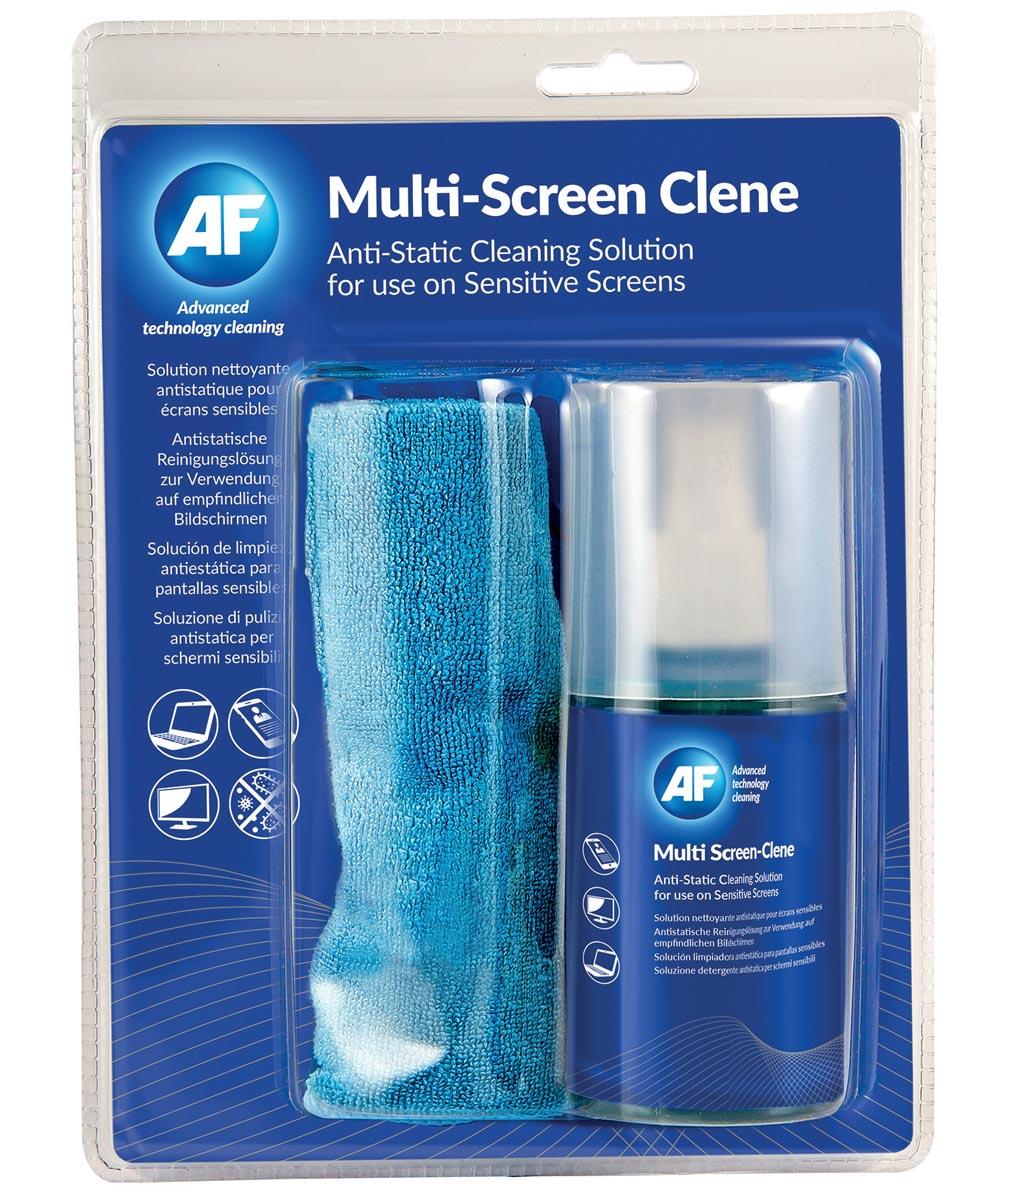 AF microvezeldoek en schermreiniger, flacon van 200 ml